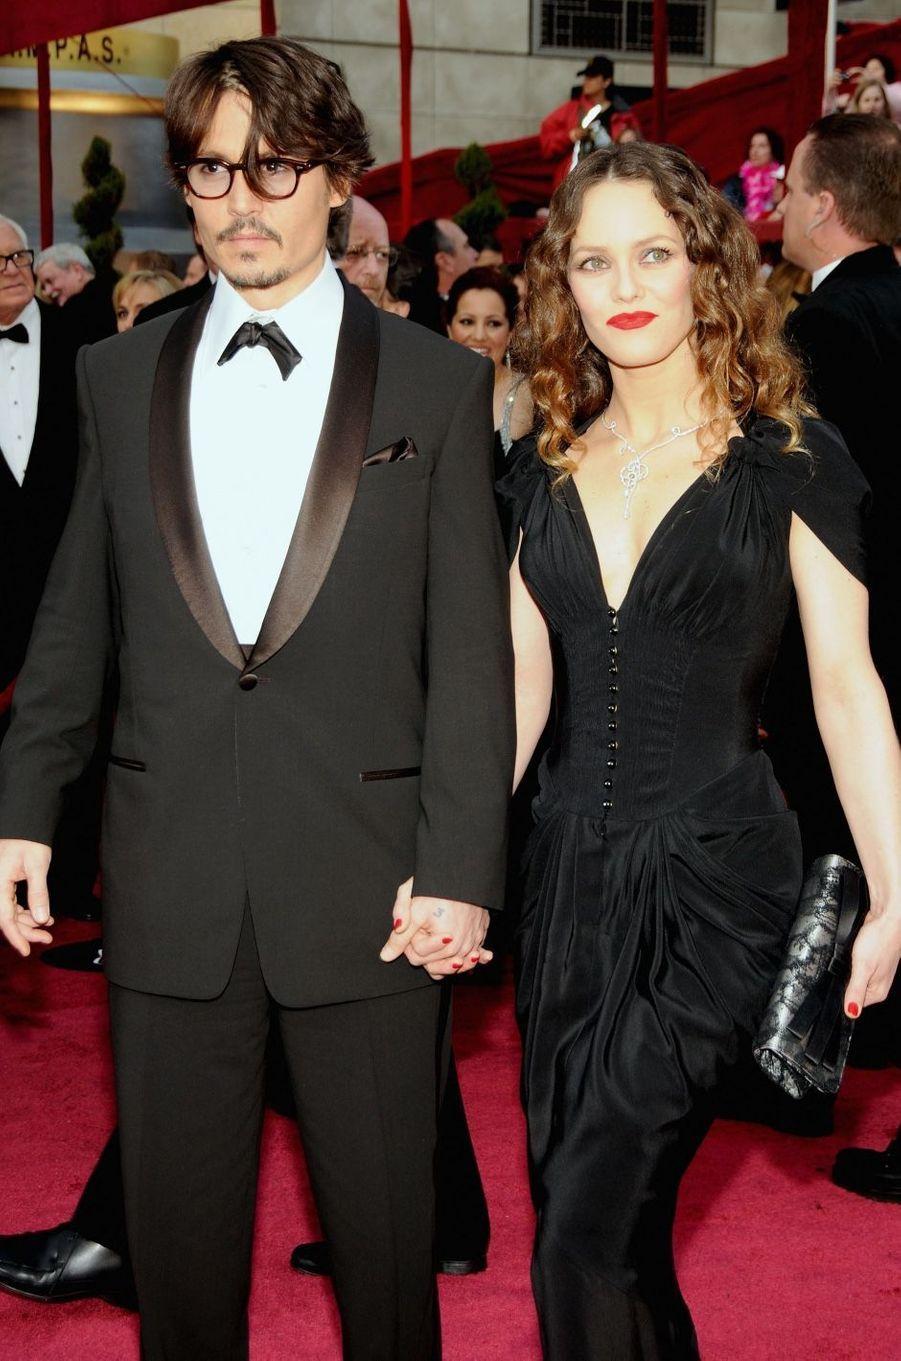 Vanessa Paradis et Johnny Depp en 2008. Leur relation a duré de 1998 à 2012. Ensemble, ils ont eu deux enfants, Lily-Rose et Jack.